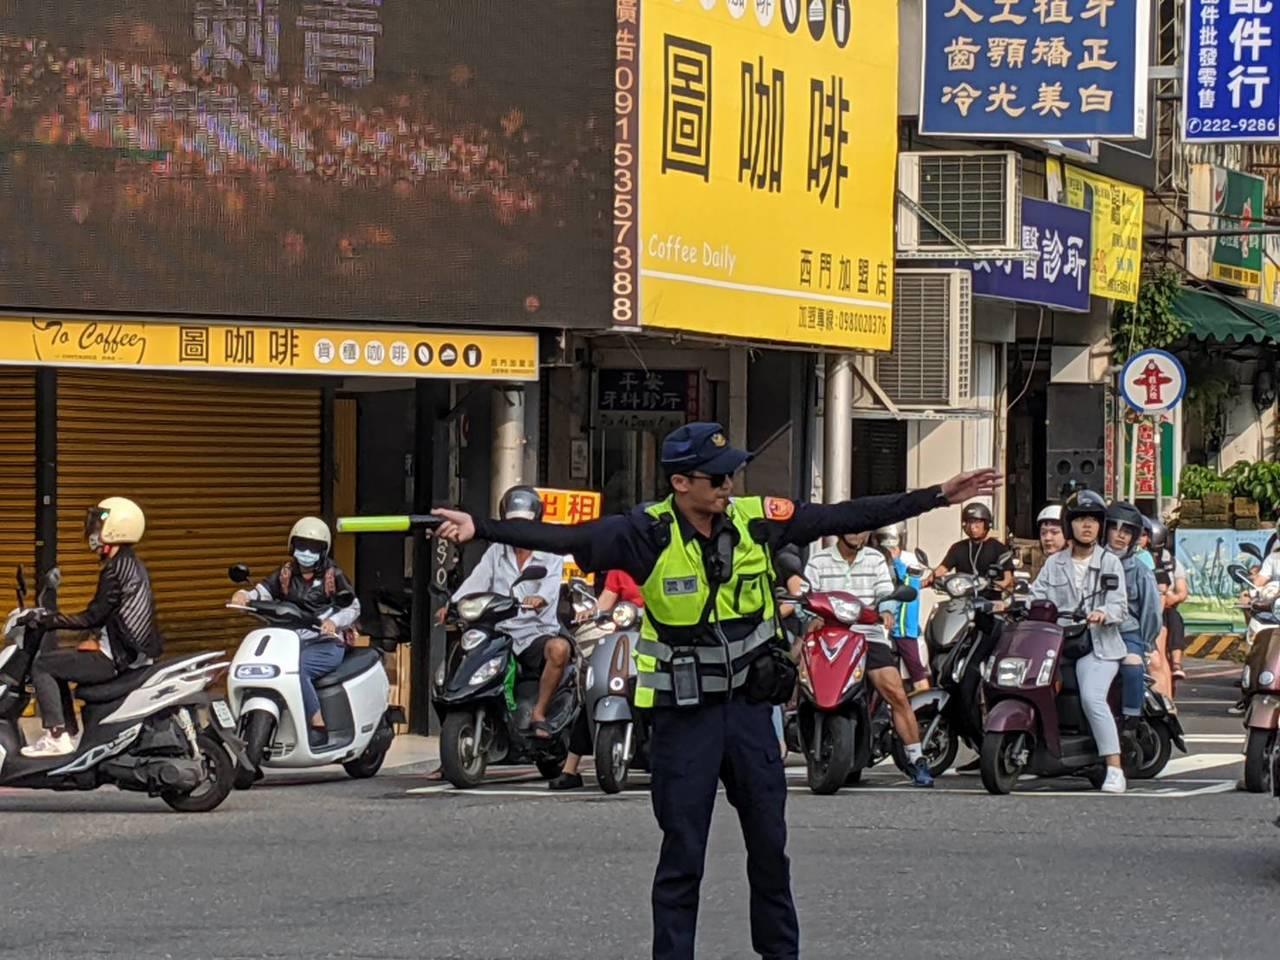 台南市中西區湧入大批車潮,員警在路口站崗疏導車流。記者黃宣翰/翻攝